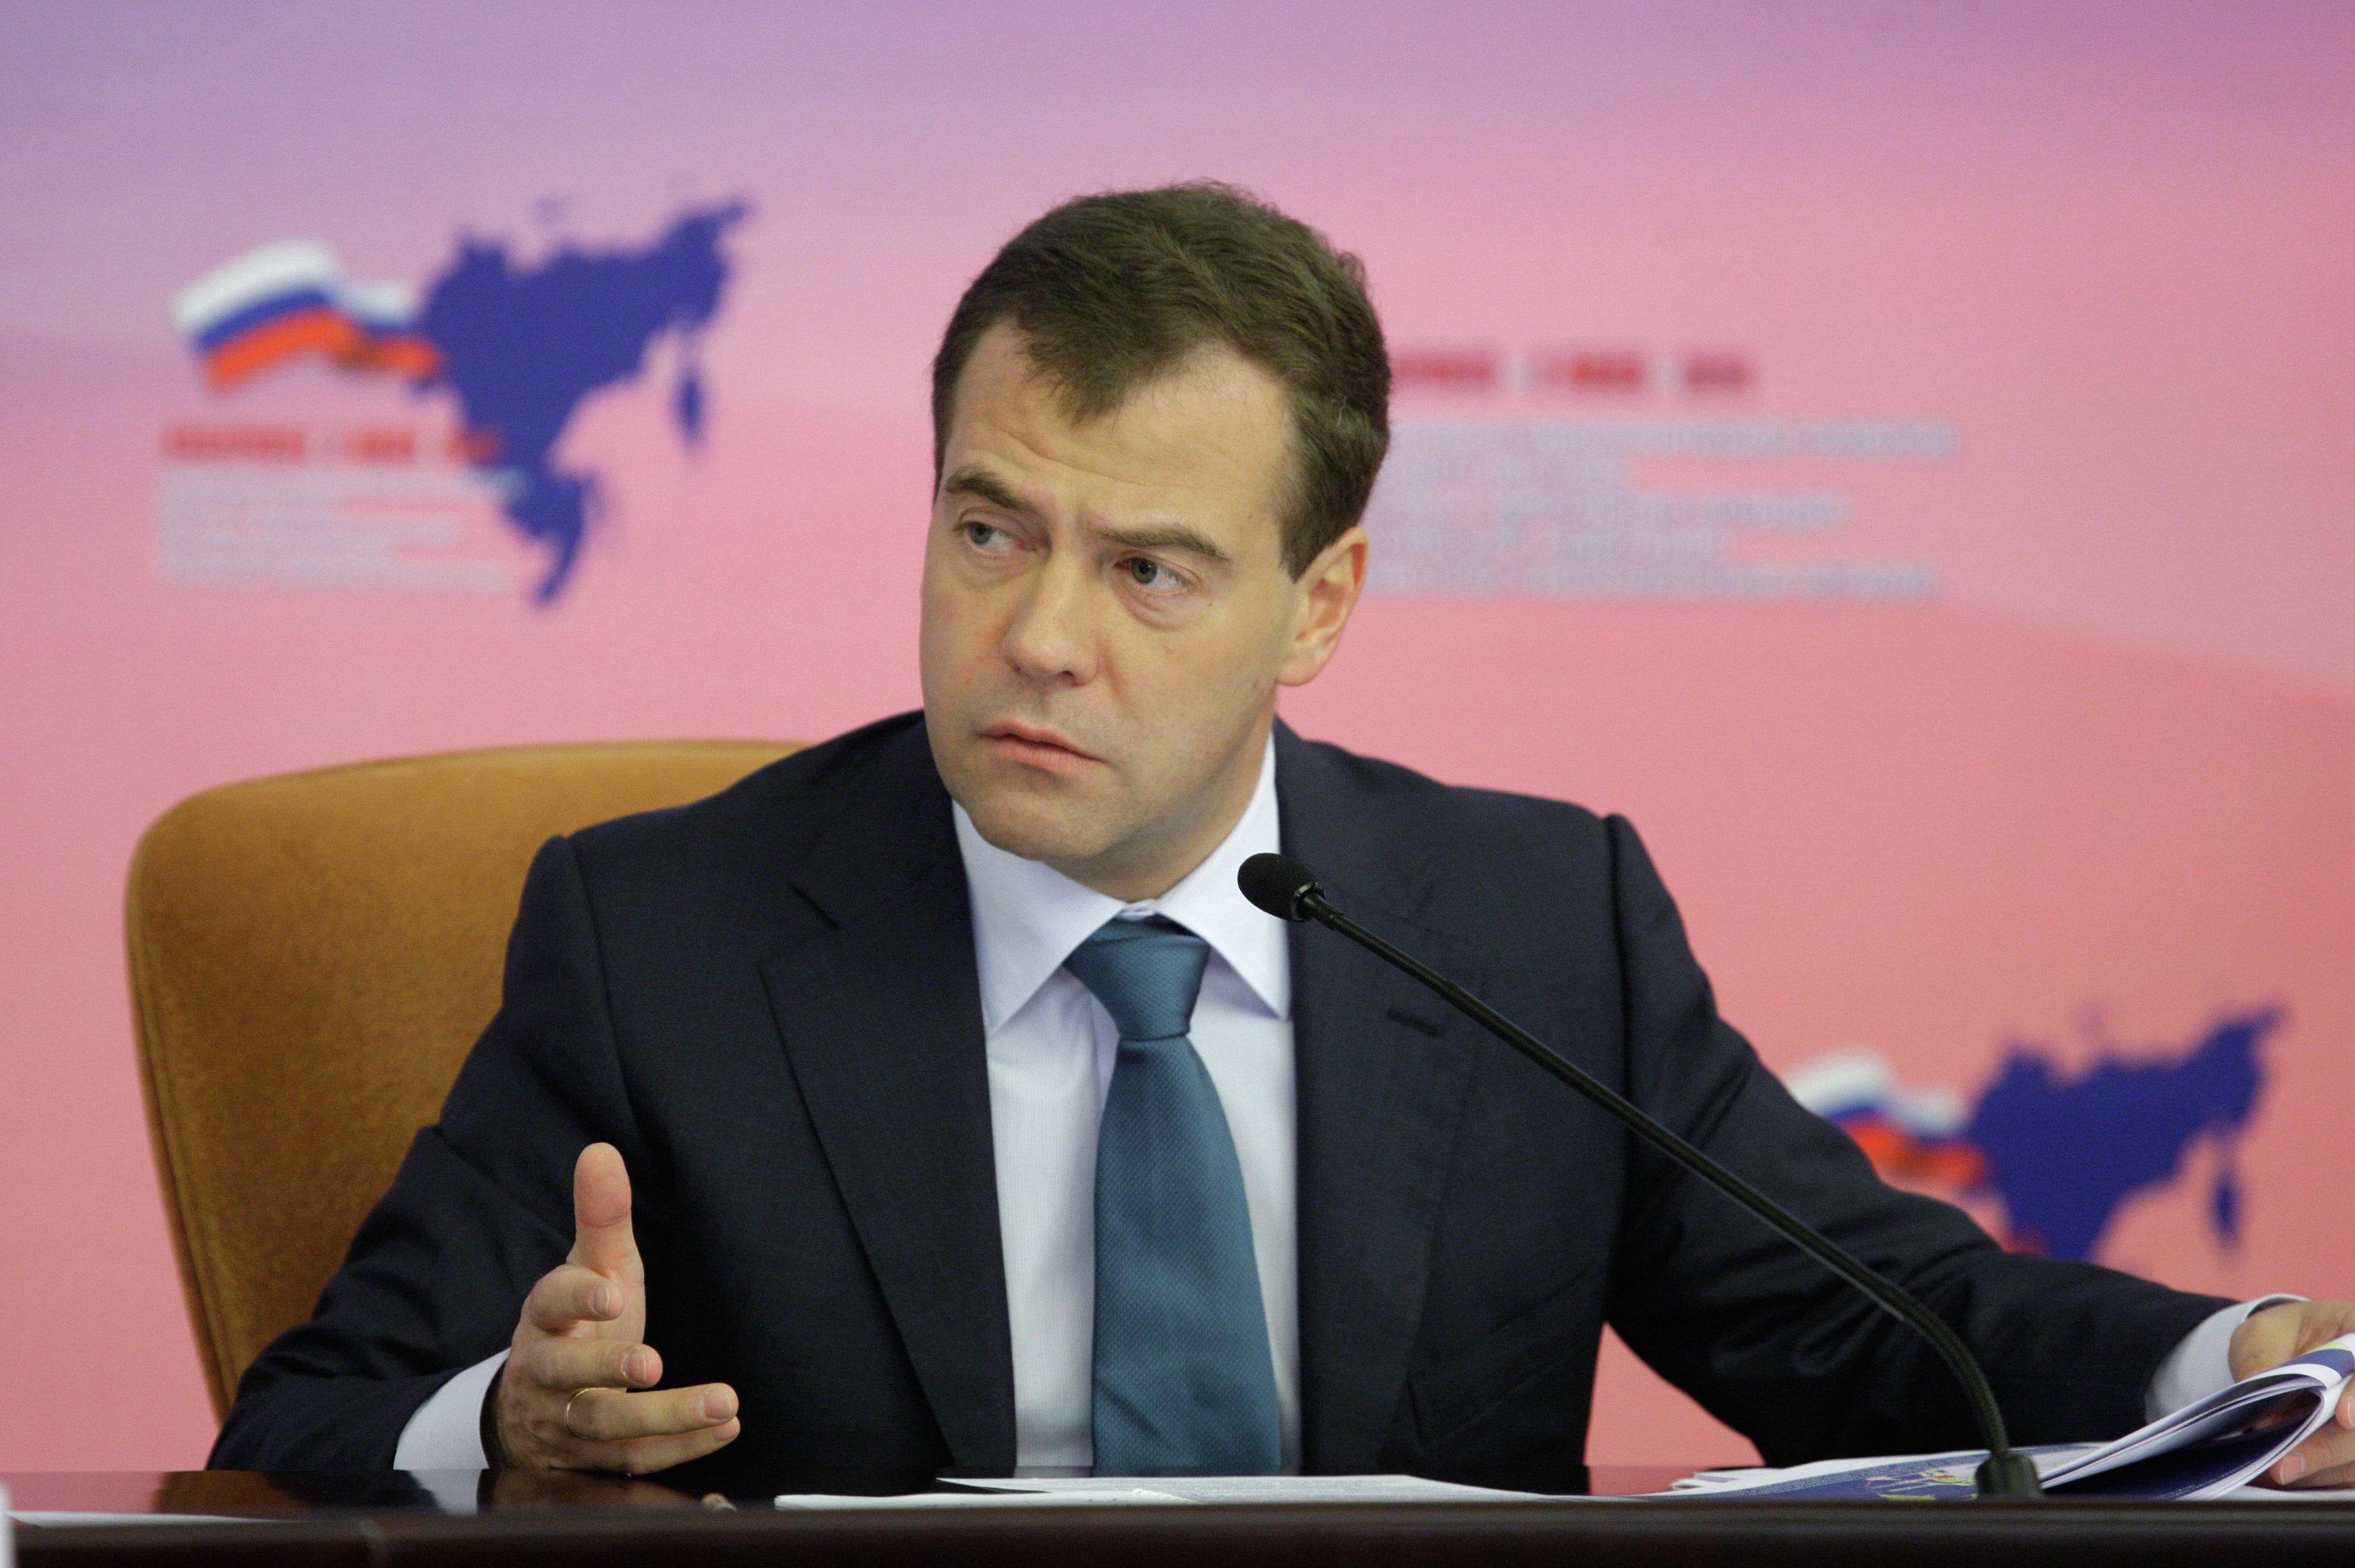 Дмитрий Медведев провел совещание по вопросам развития Дальнего Востока